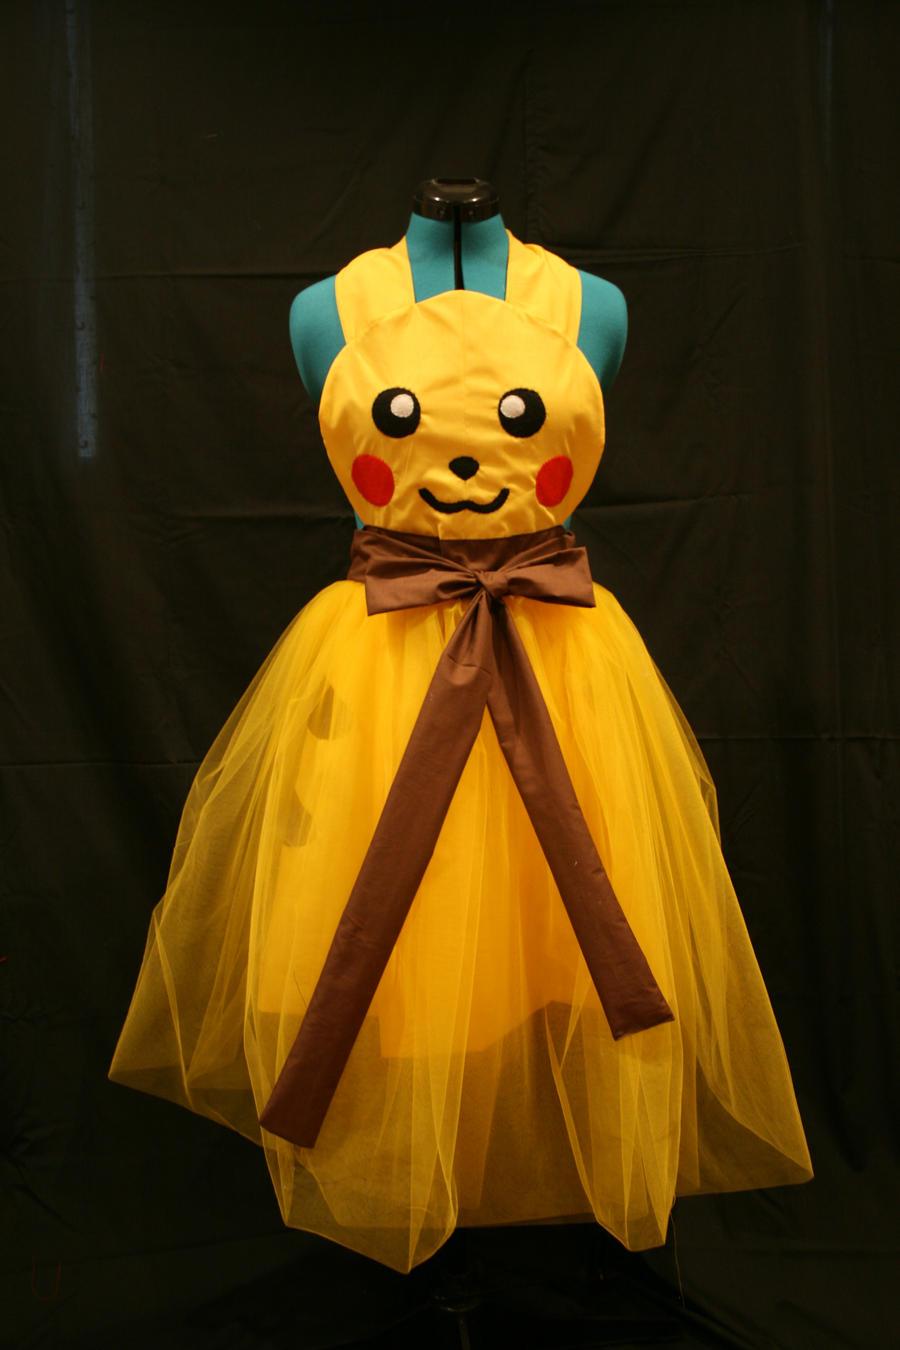 Pikachu Ballgown Cosplay Apron by DarlingArmy